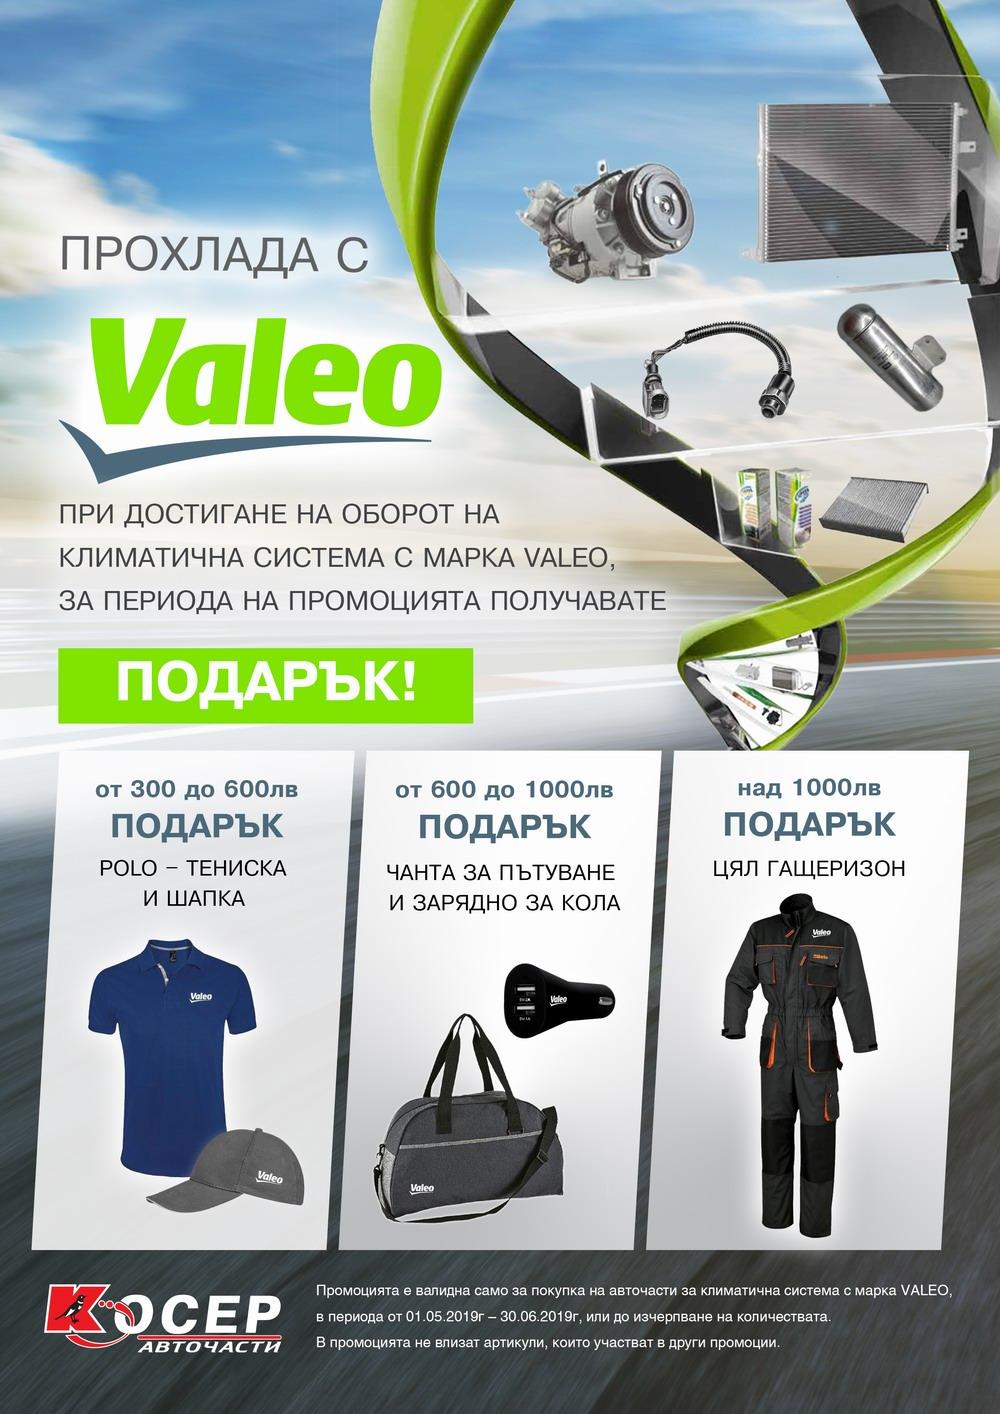 Промоция VALEO, 01.05.2019 - 30.06.2019